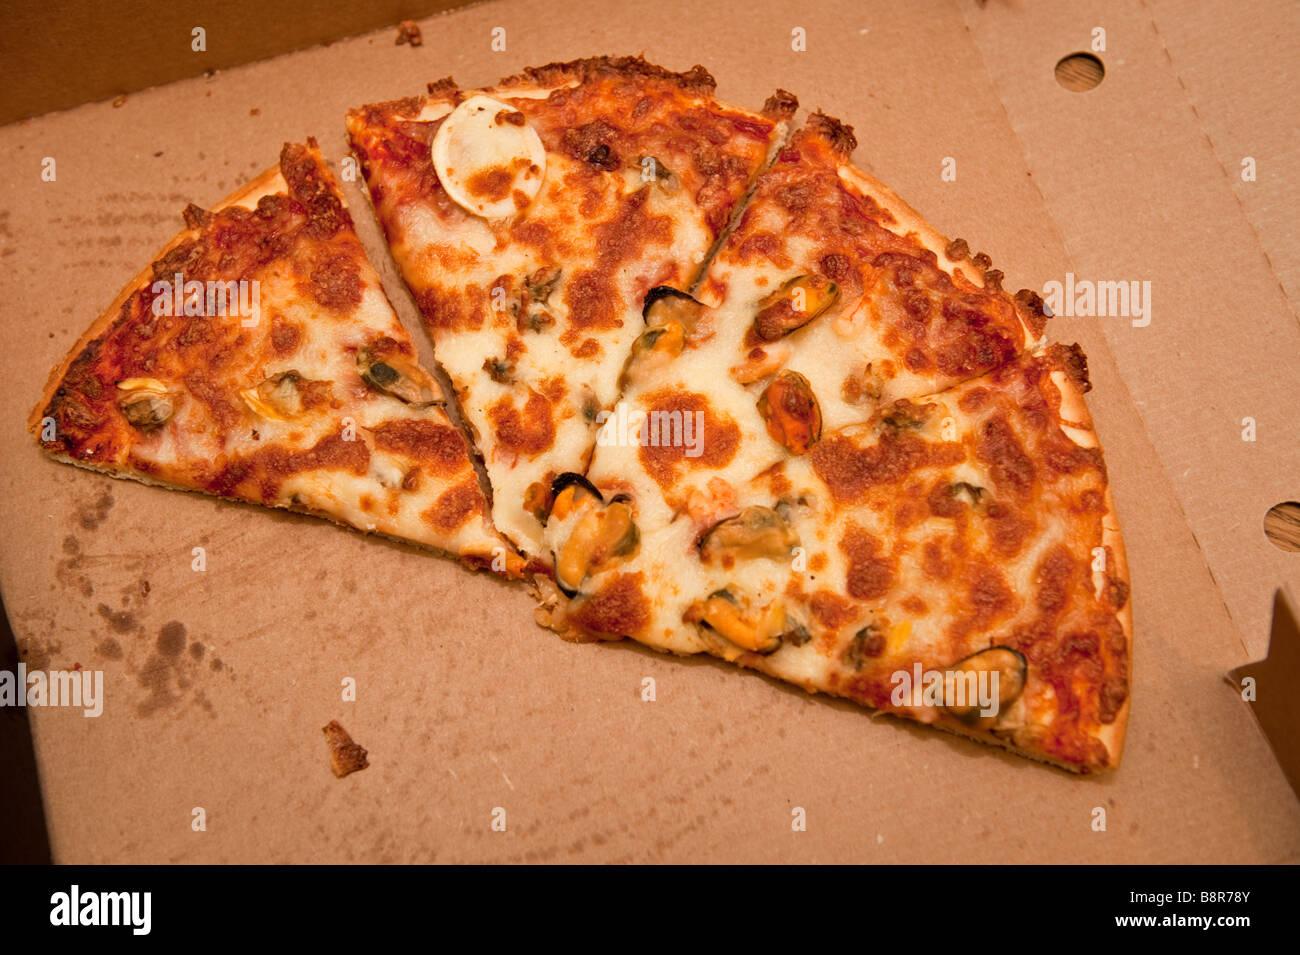 Une commodité à moitié mangé de pizzas à emporter restauration rapide dans une boîte Photo Stock